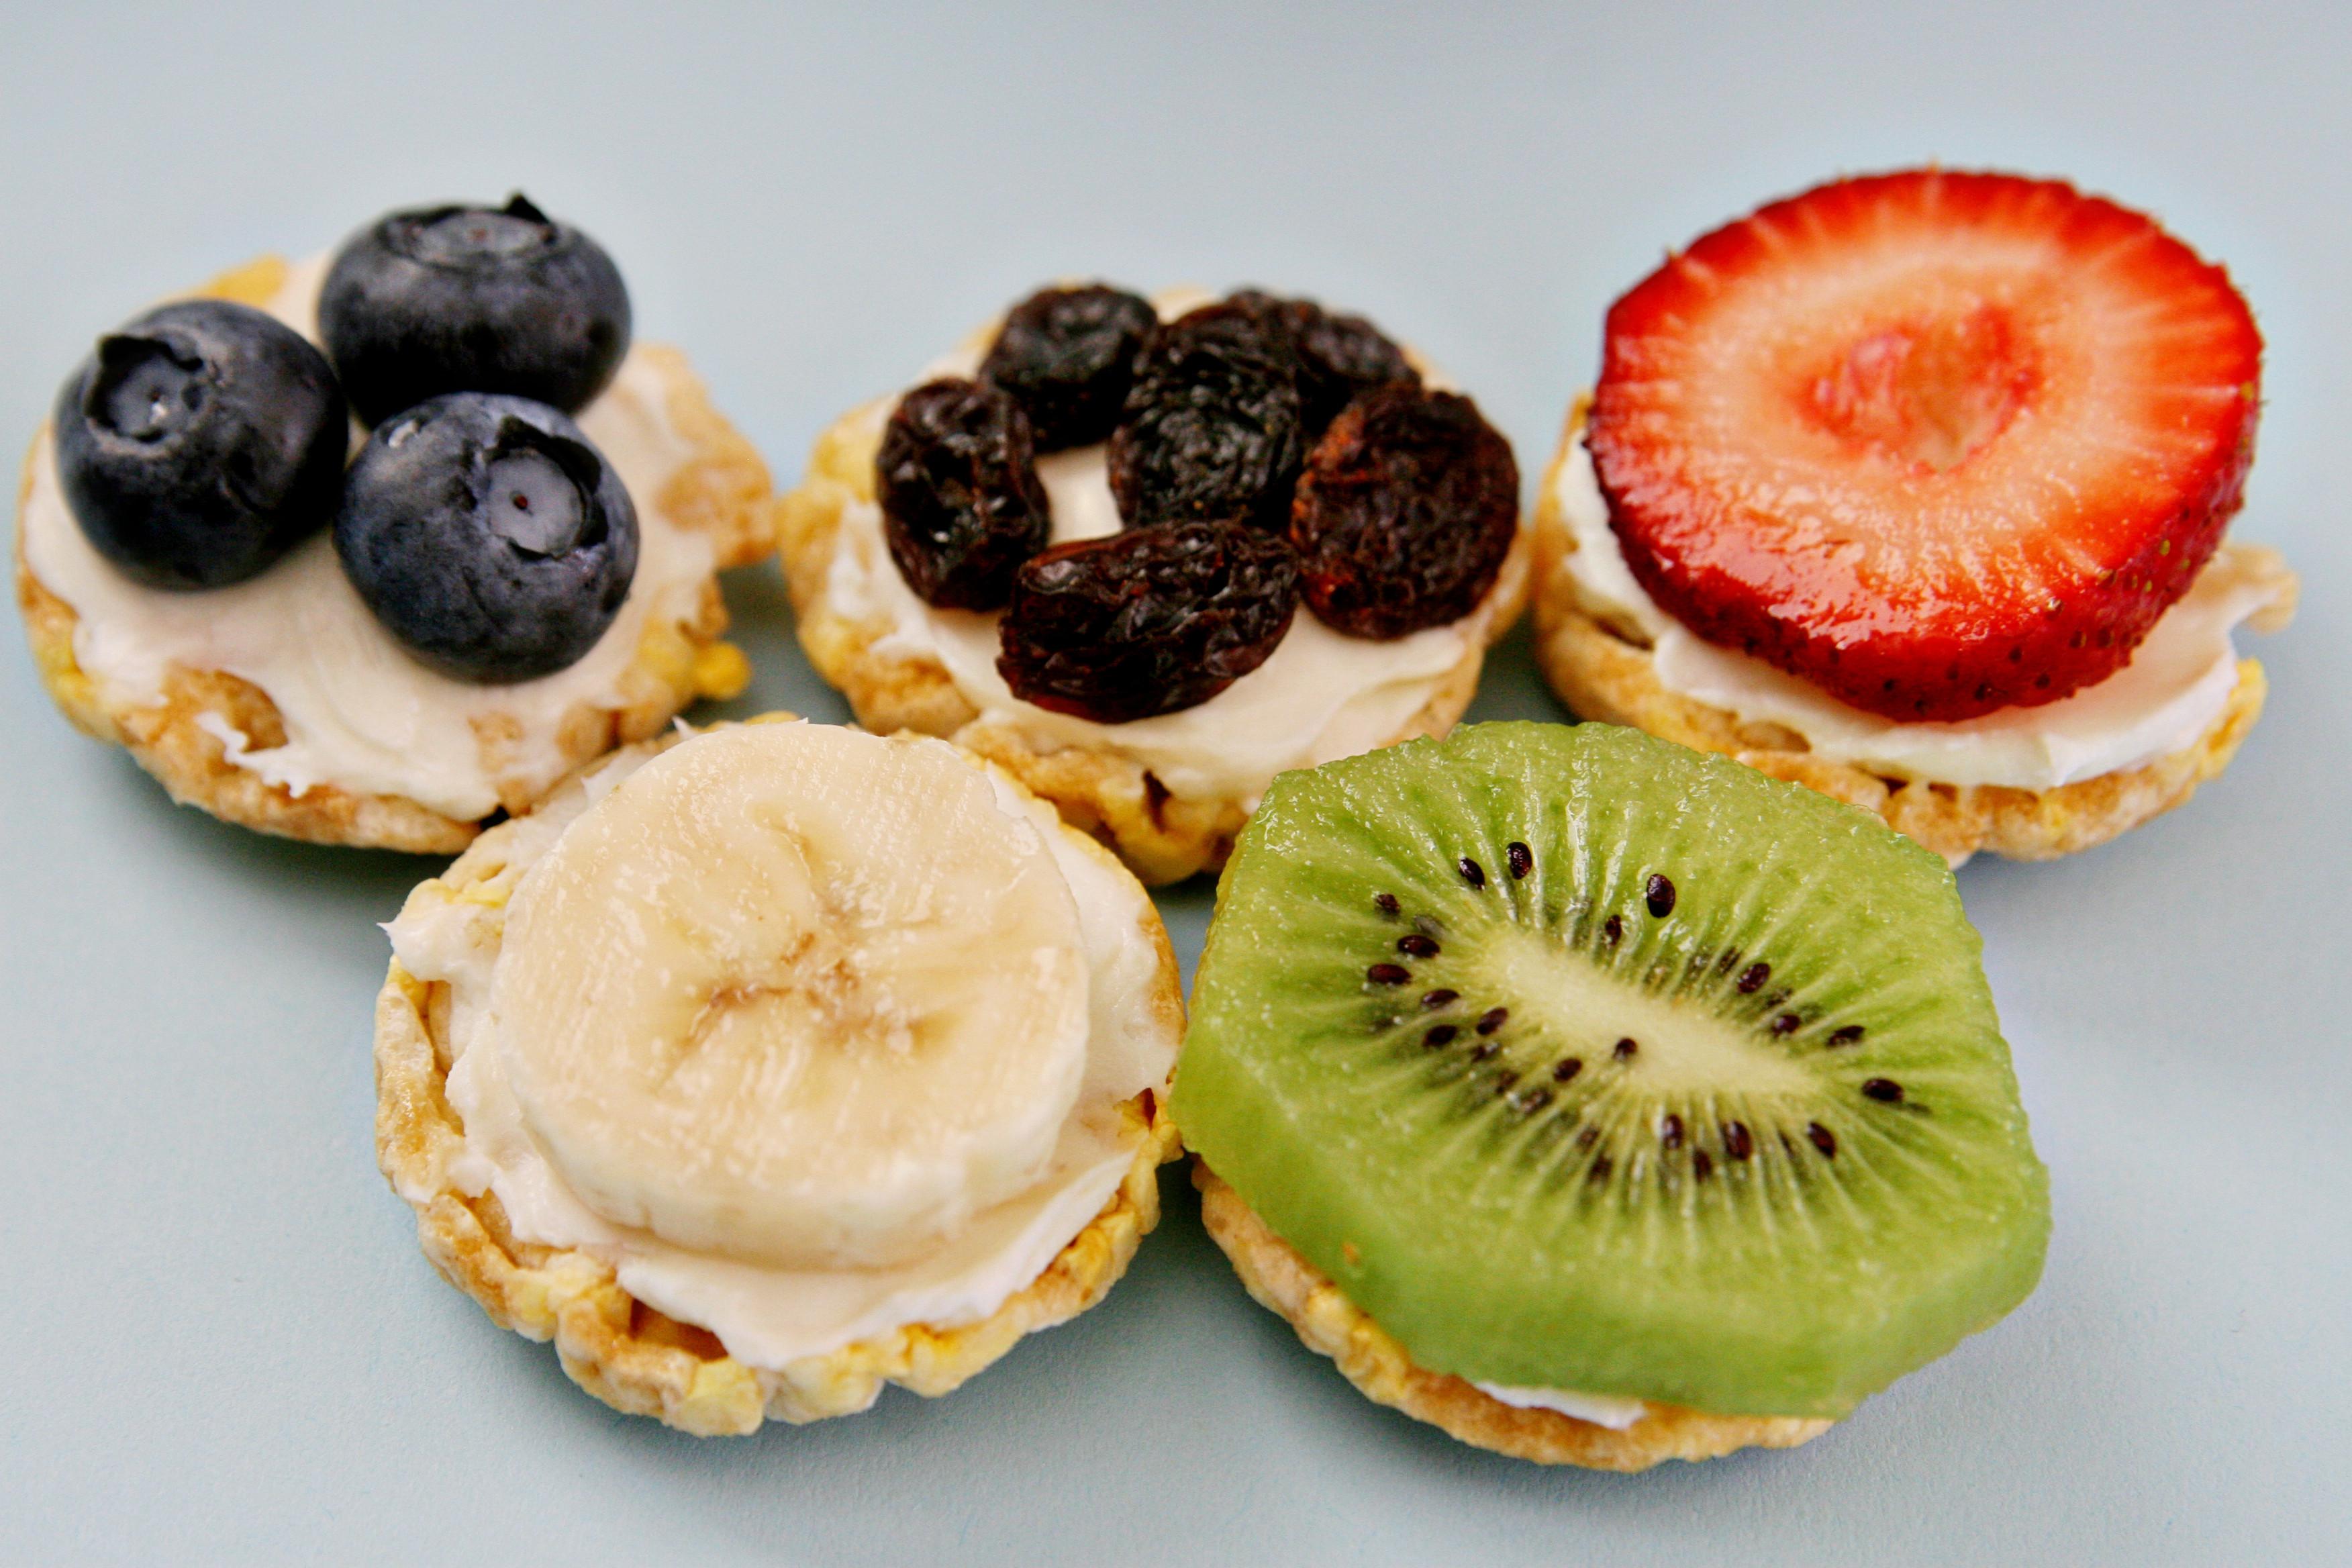 Healthy Snacks Recipes  buff mama monday olympics inspired snack recipe See